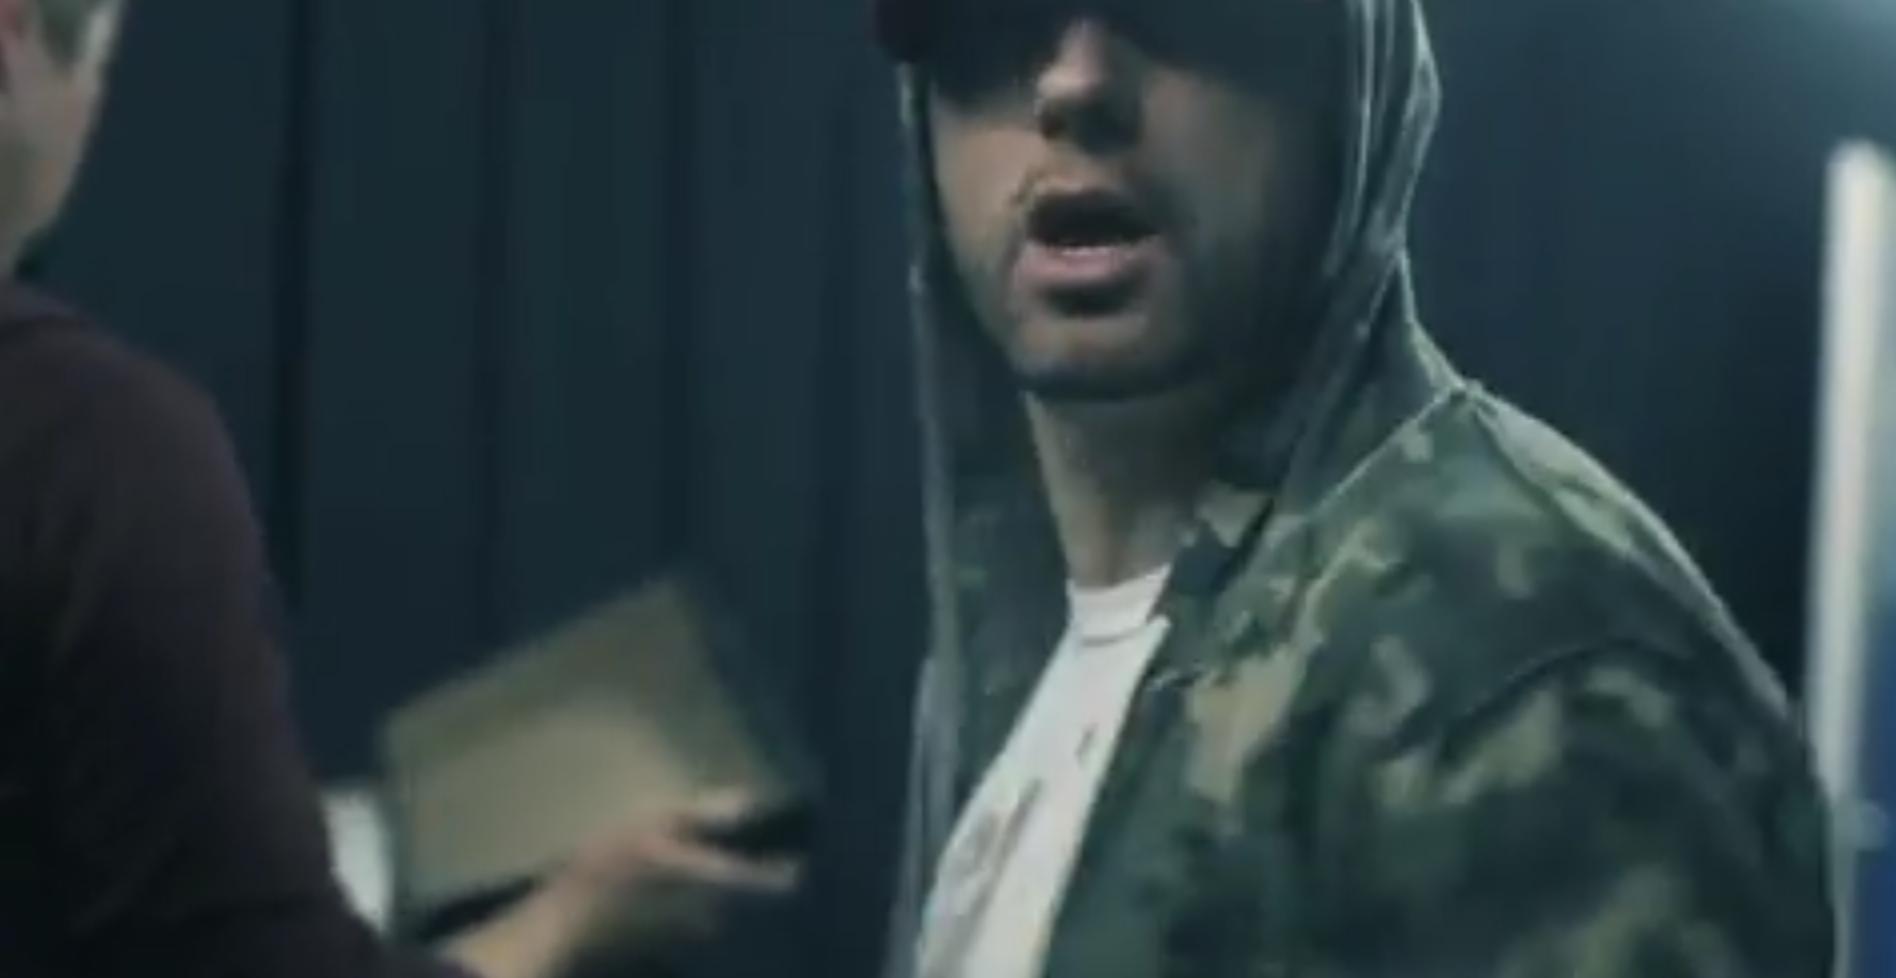 Eminem выпустил коллекцию мерчендайза с автографами в память о туре по Великобритании